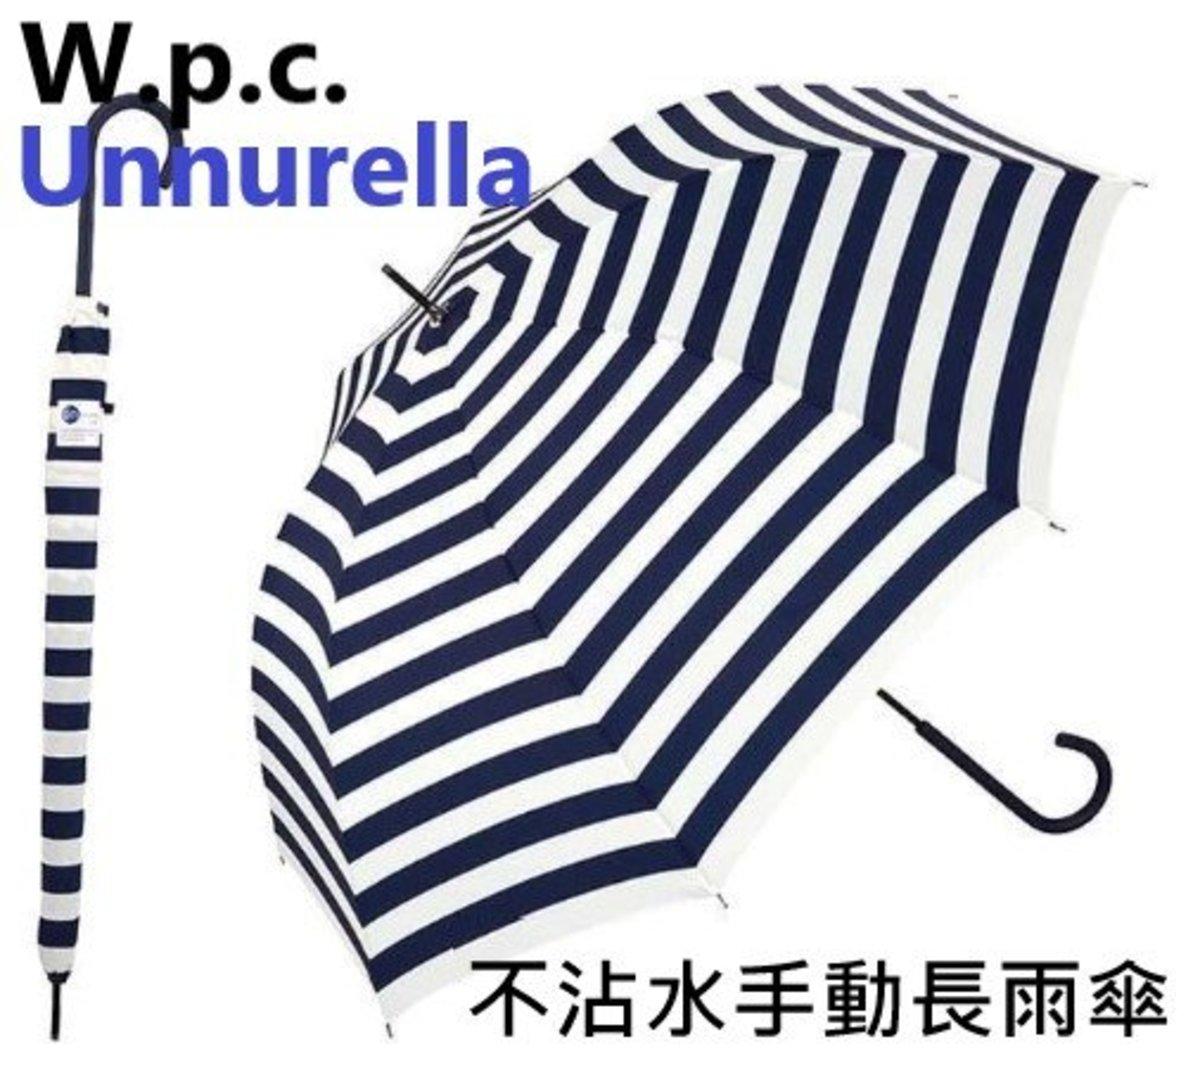 (UN1006) Unnurella日本瞬間滴水不沾長雨傘 - 藍白相間